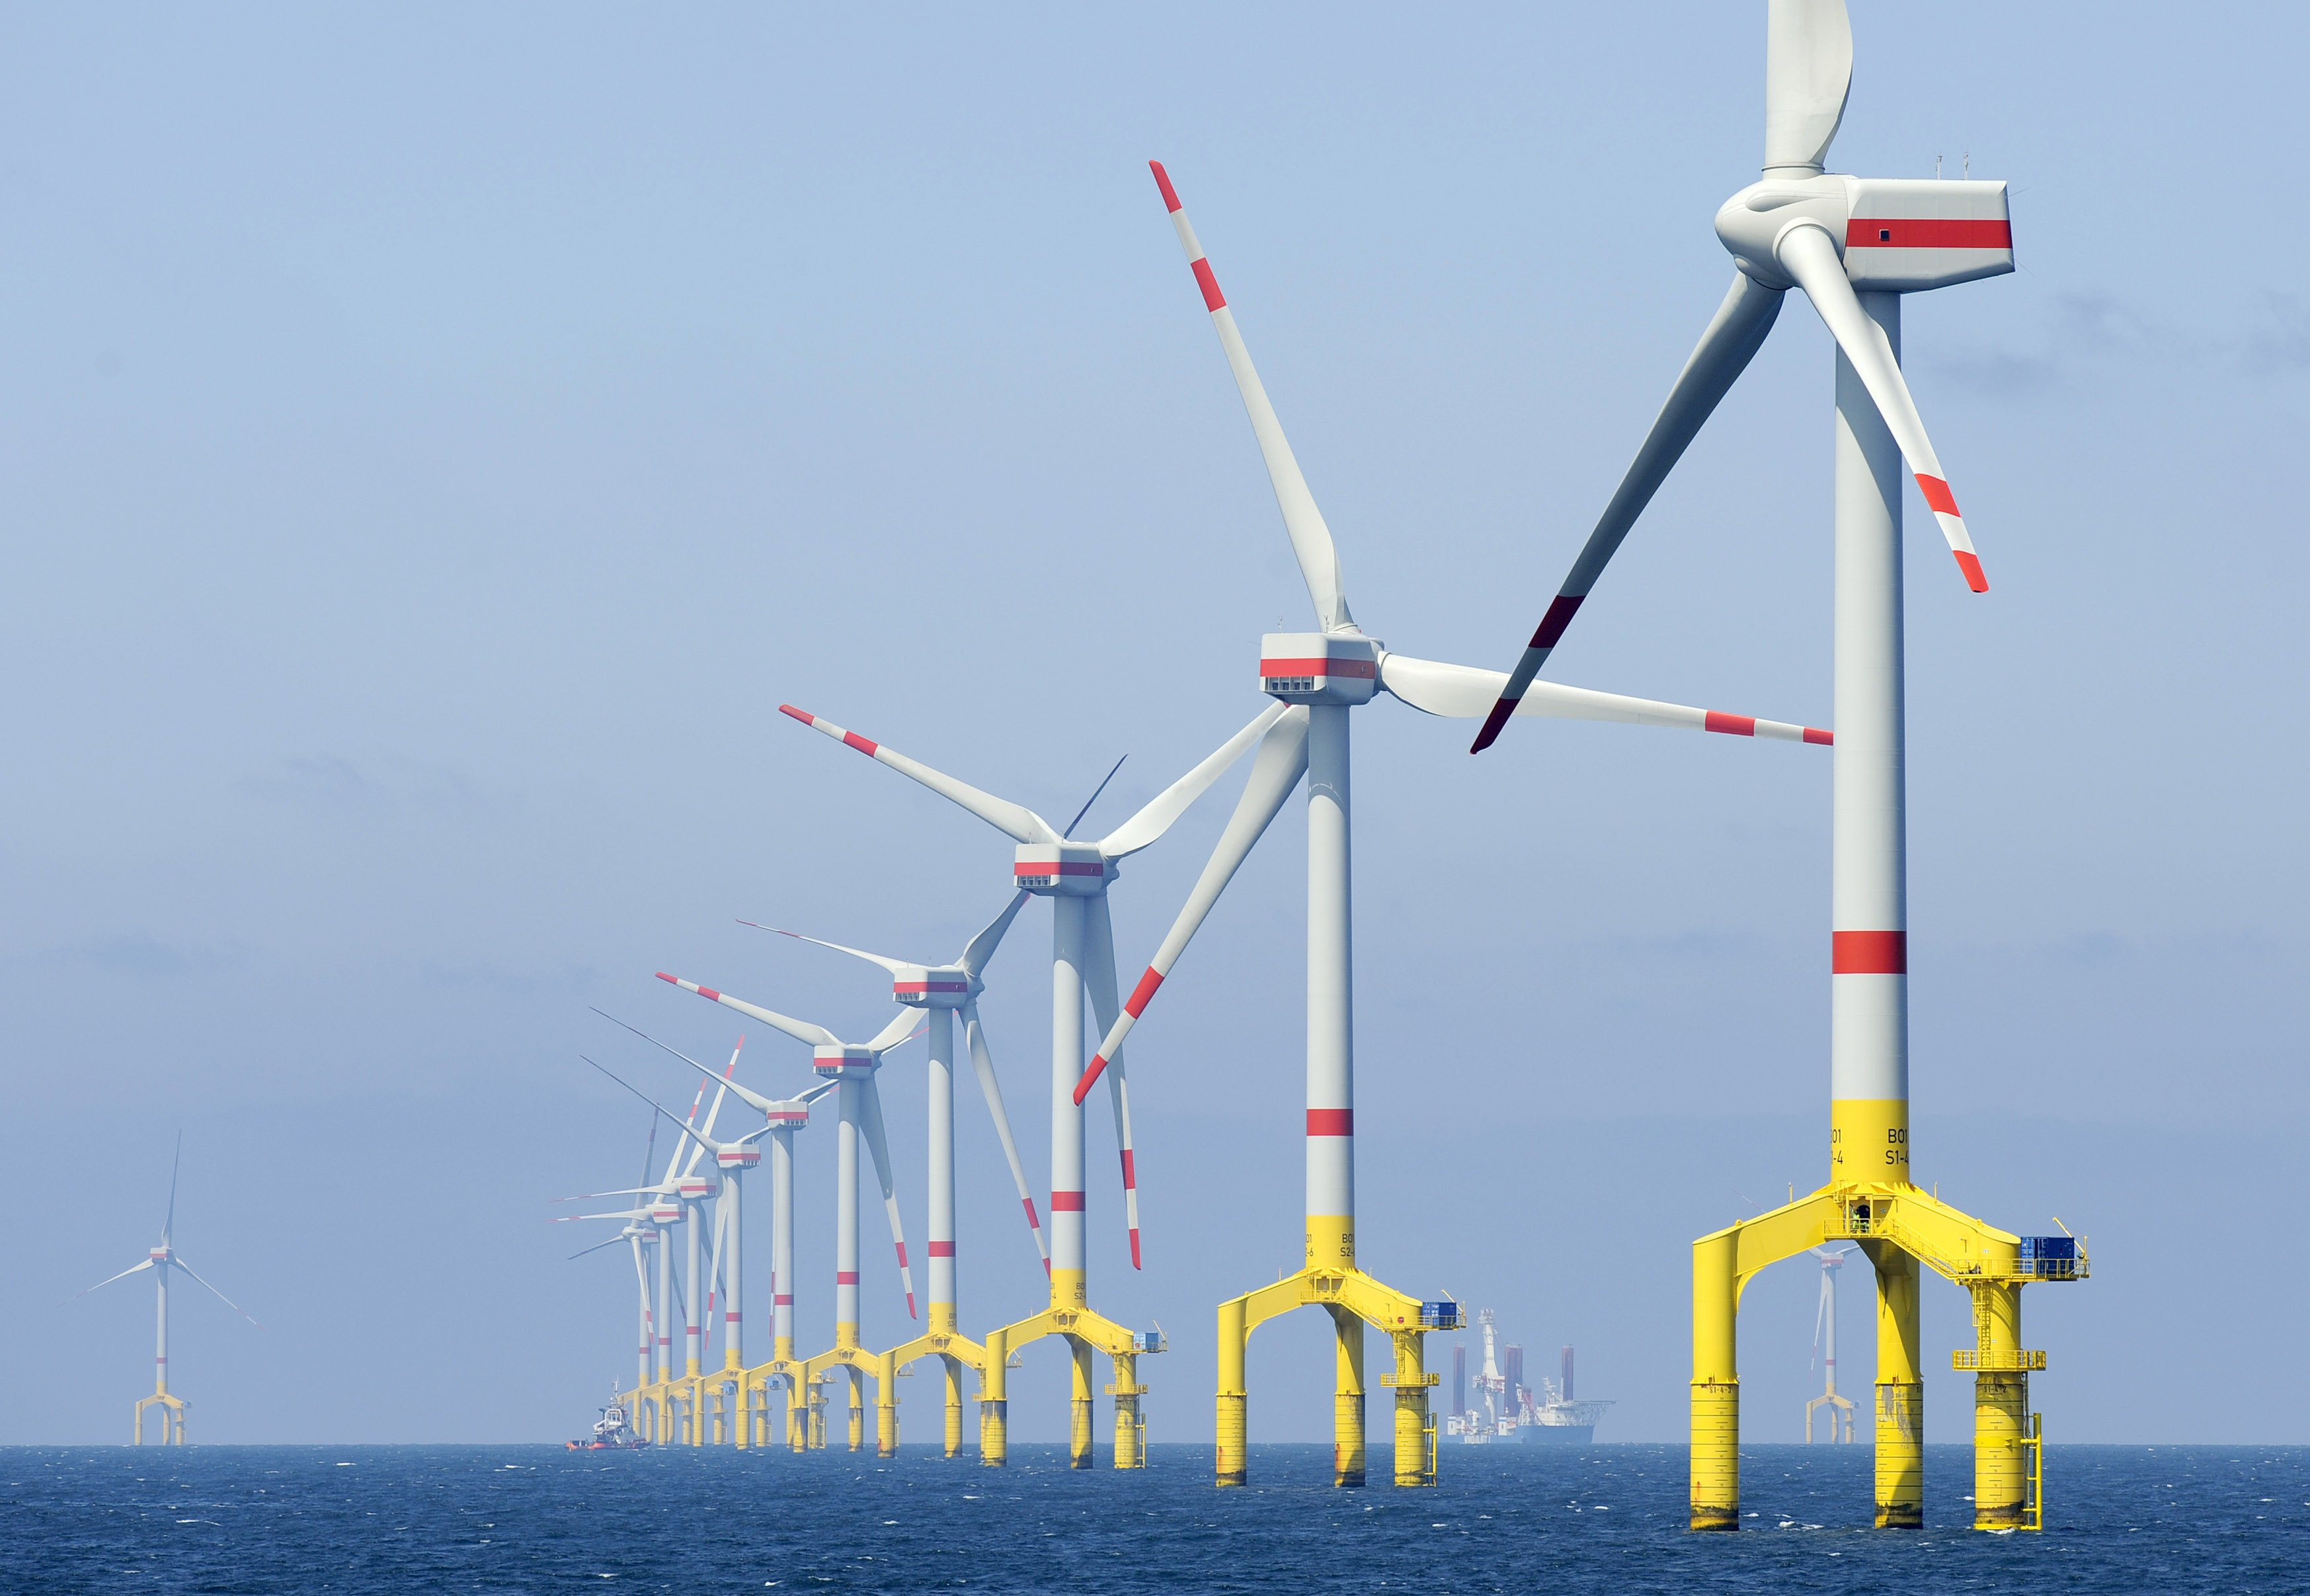 Windkrafträder im Baufeld des Offshore-Windenergieparks Bard Offshore 1, ungefähr 100 Kilometer vor der ostfriesischen Insel Borkum (Niedersachsen). Die biozidfreien Schutzbeschichtungen könnten auch ihren stählernen Fundamenten zugutekommen, die sich permanent im Wasser befinden.